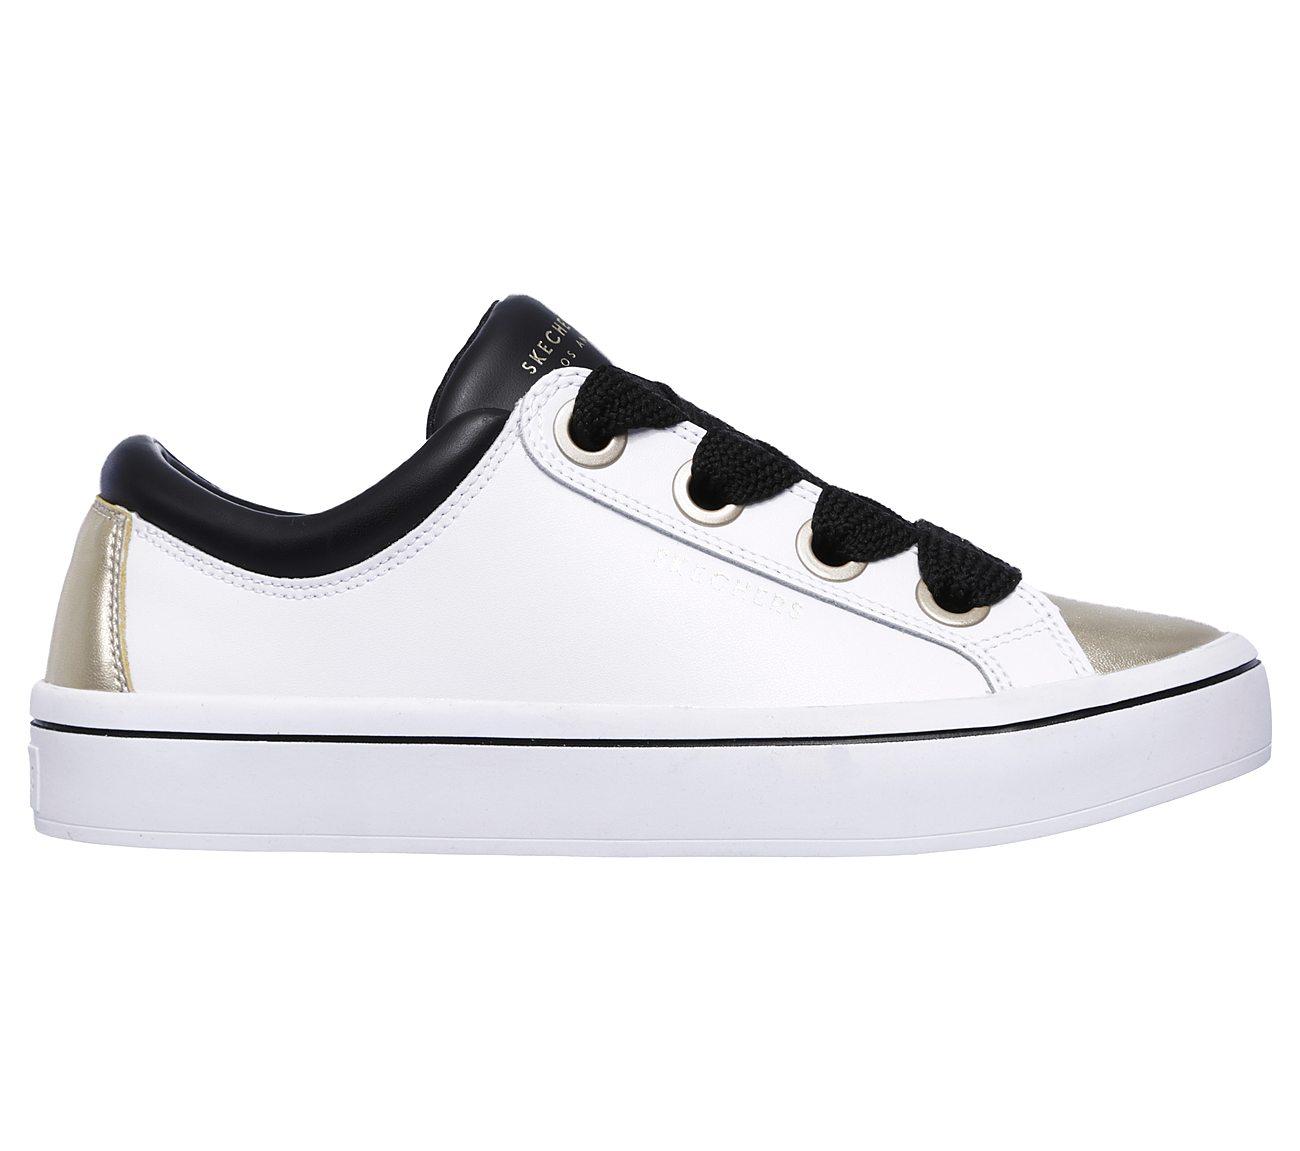 d4c345ec48b7 Buy SKECHERS Hi-Lites - White Gold SKECHER Street Shoes only  95.00